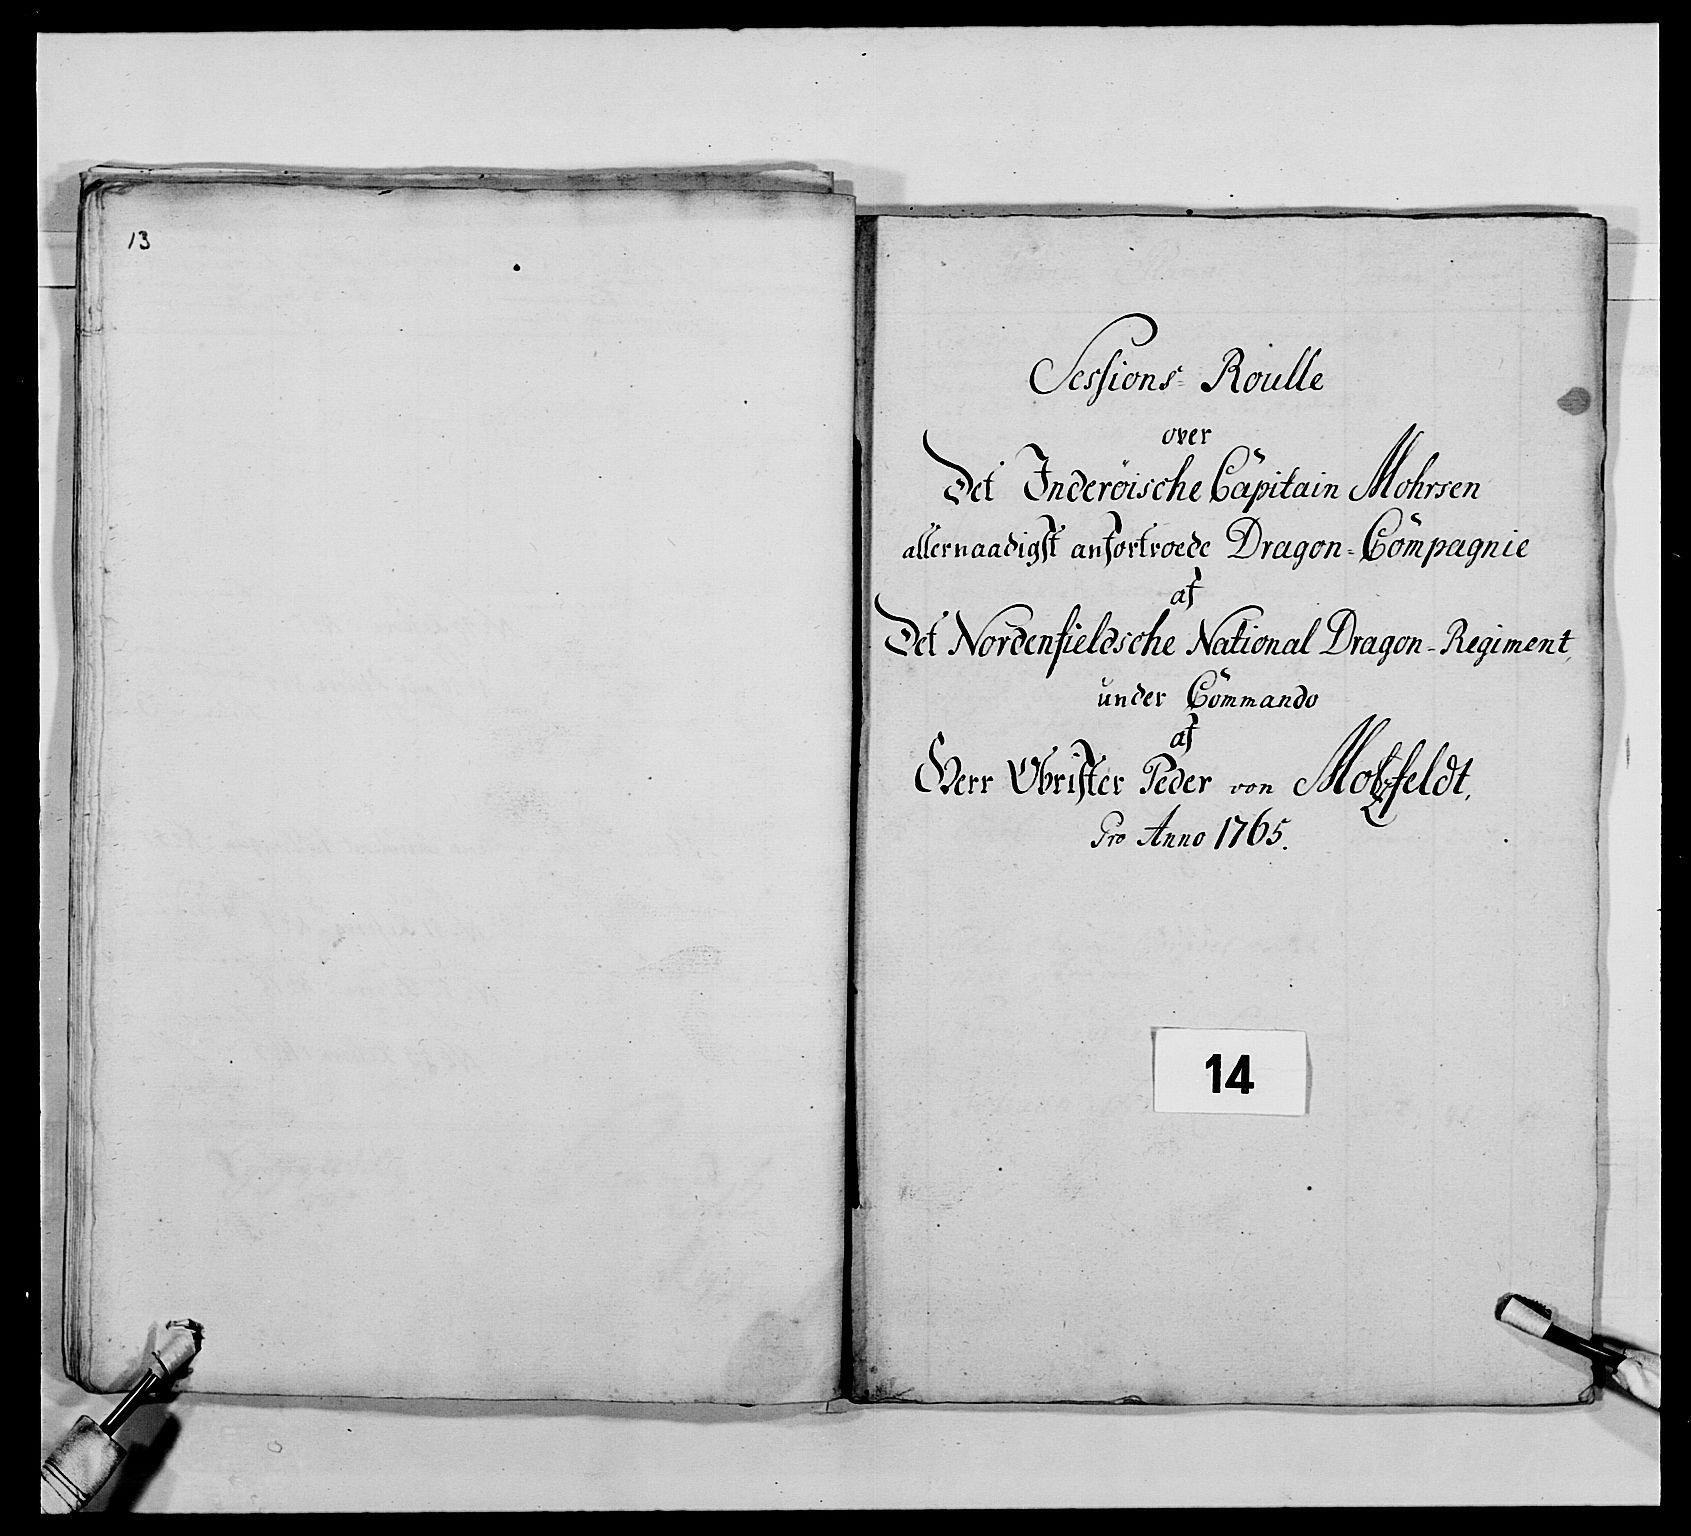 RA, Kommanderende general (KG I) med Det norske krigsdirektorium, E/Ea/L0483: Nordafjelske dragonregiment, 1765-1767, s. 315